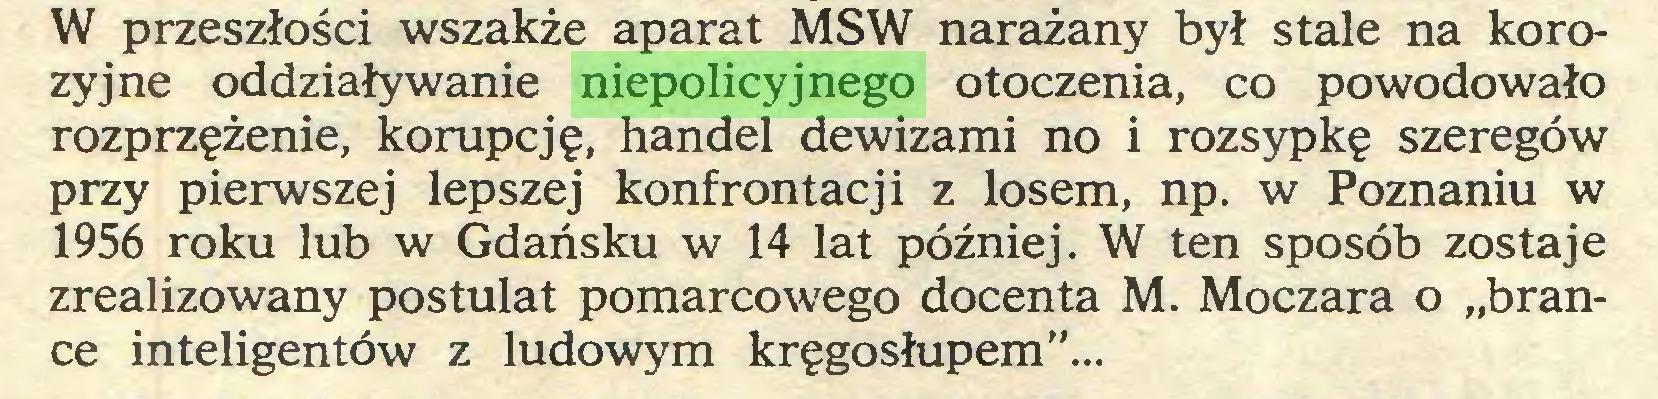 """(...) W przeszłości wszakże aparat MSW narażany był stale na korozyjne oddziaływanie niepolicyjnego otoczenia, co powodowało rozprzężenie, korupcję, handel dewizami no i rozsypkę szeregów przy pierwszej lepszej konfrontacji z losem, np. w Poznaniu w 1956 roku lub w Gdańsku w 14 lat później. W ten sposób zostaje zrealizowany postulat pomarcowego docenta M. Moczara o """"brance inteligentów z ludowym kręgosłupem""""..."""